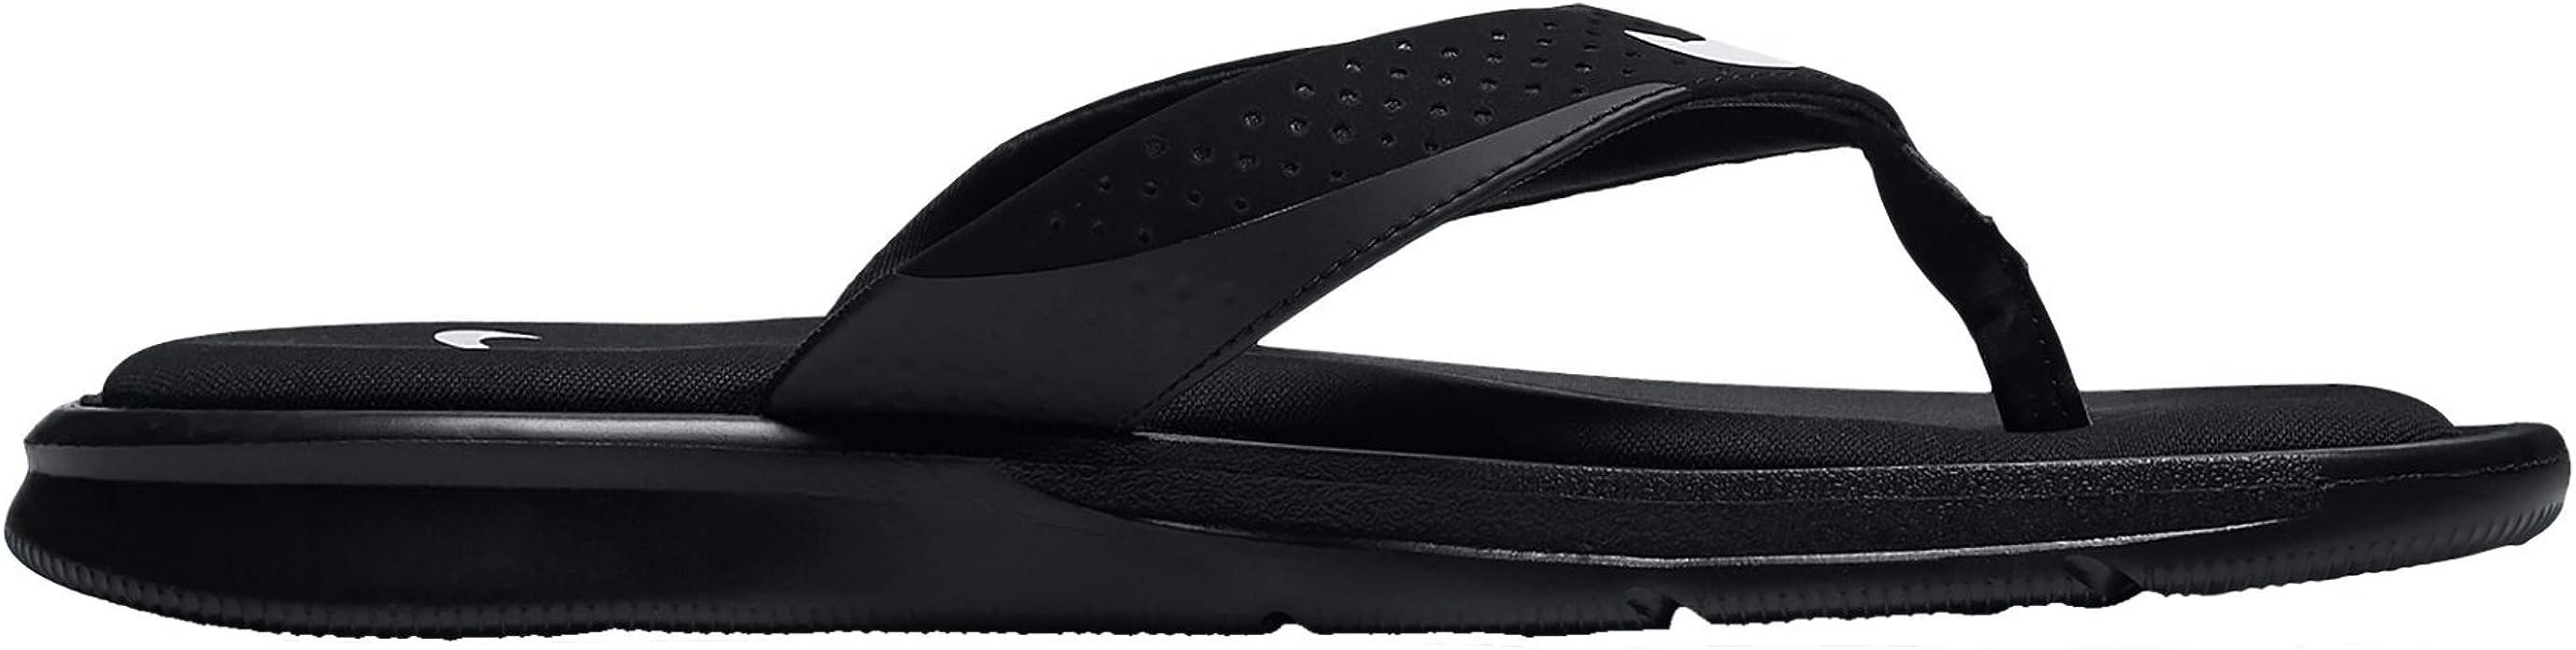 Ultra Comfort Thong Flip Flops (7